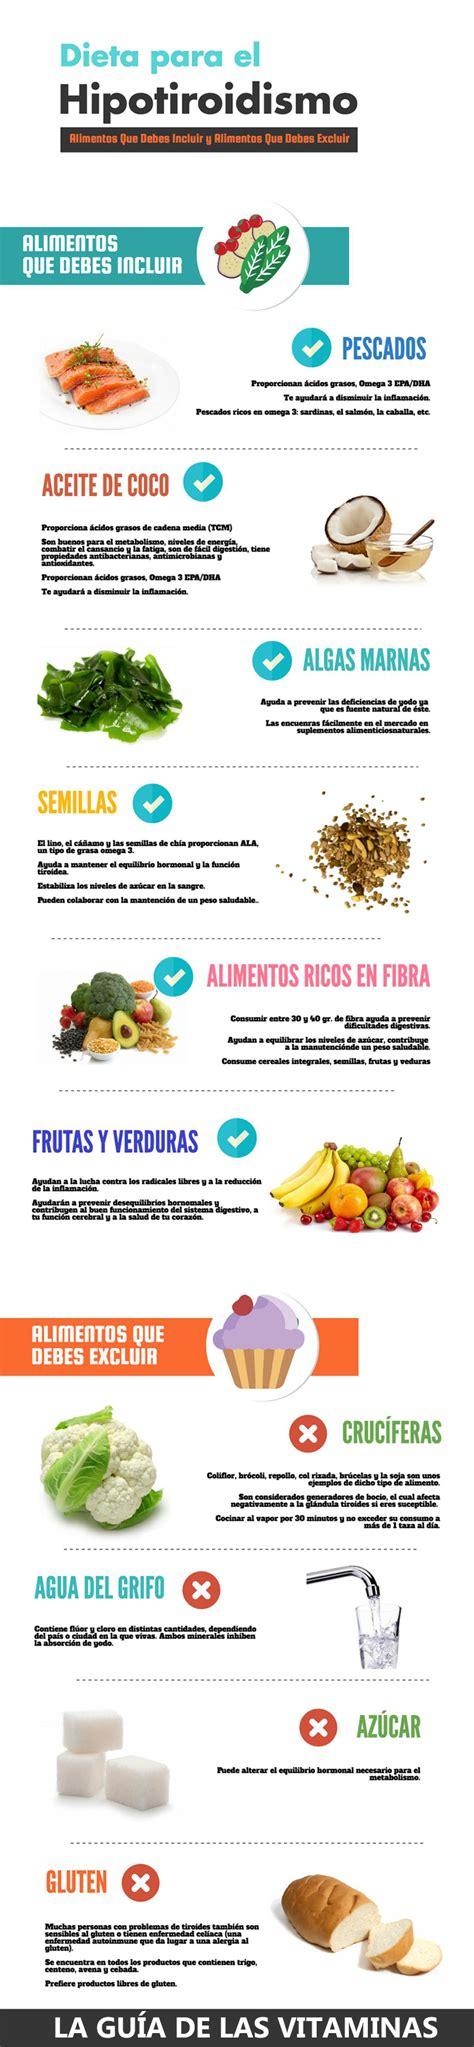 dieta  el hipotiroidismo  tratamiento natural la guia de las vitaminas